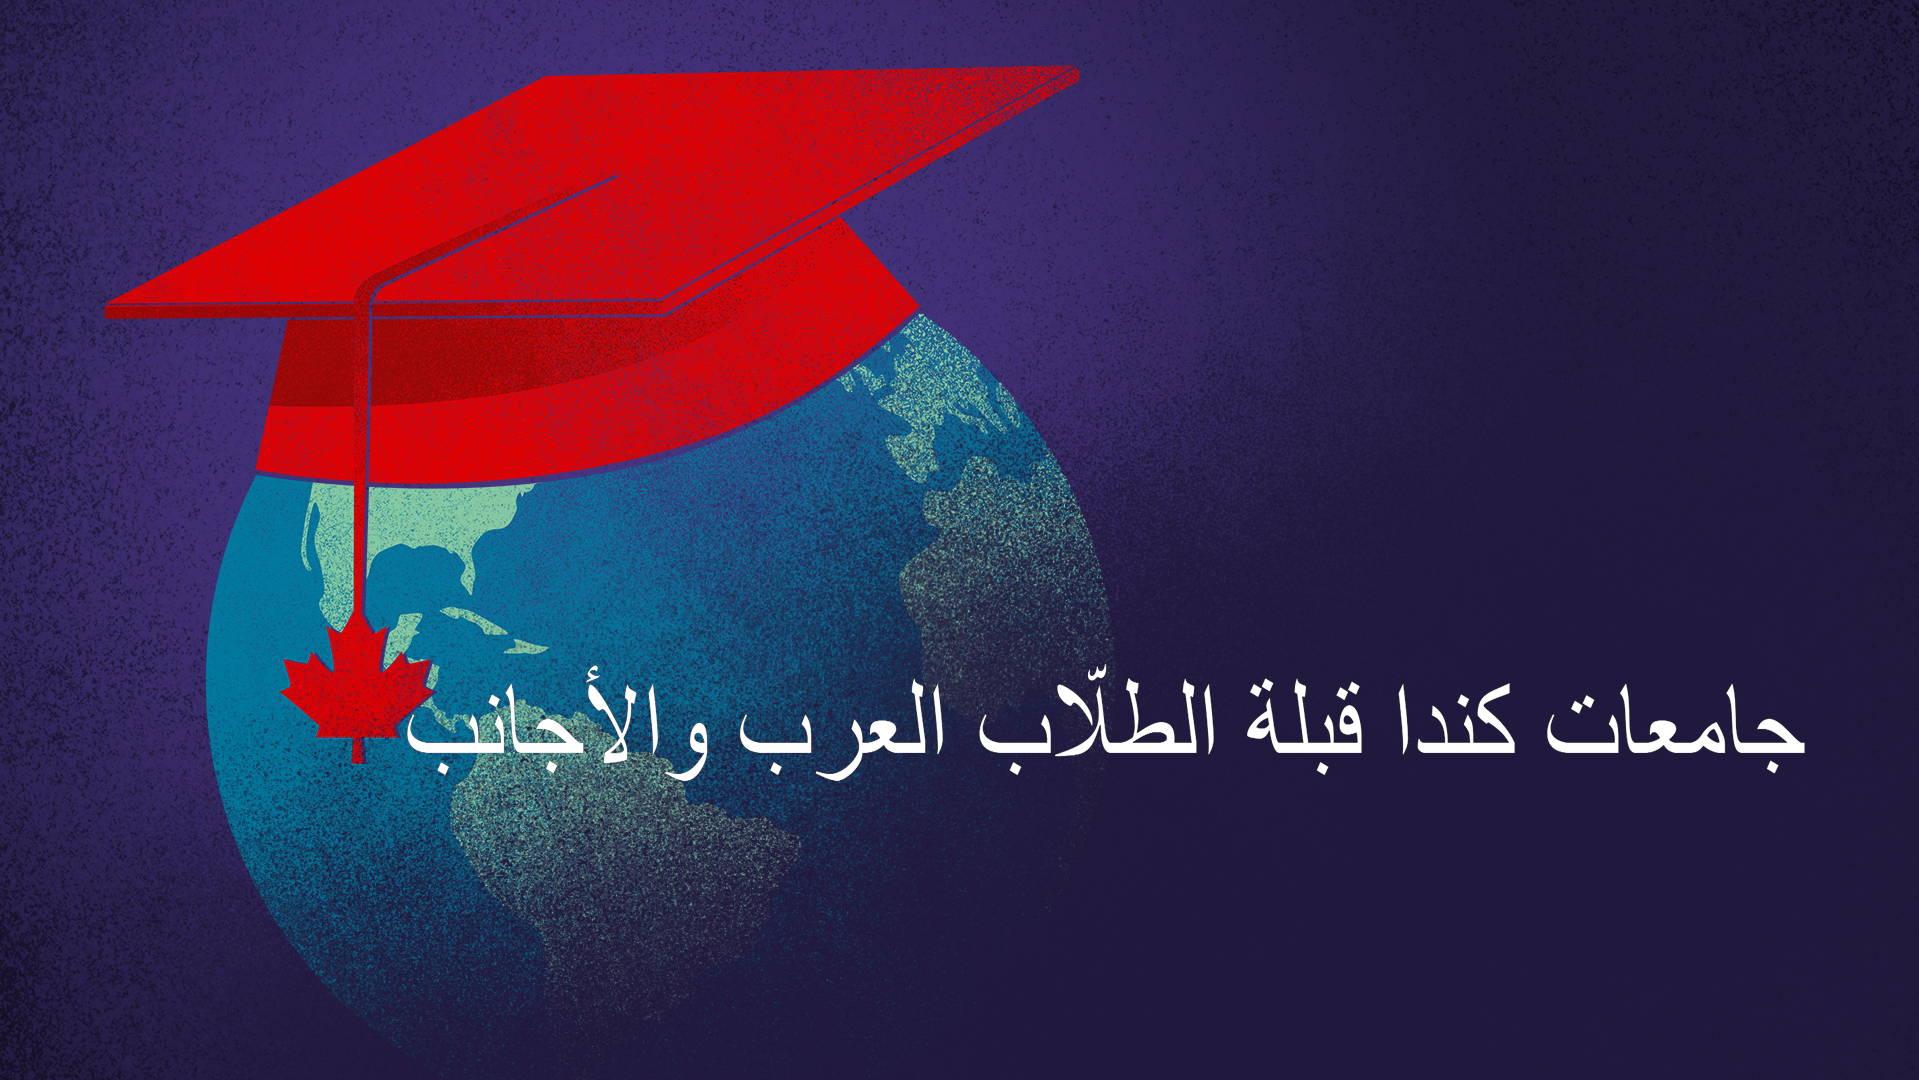 """el texto """"جامعات كندا قبلة الطلّاب العرب والأجانب"""" en blanco con un globo terrestre con una gorra de graduación como fondo"""